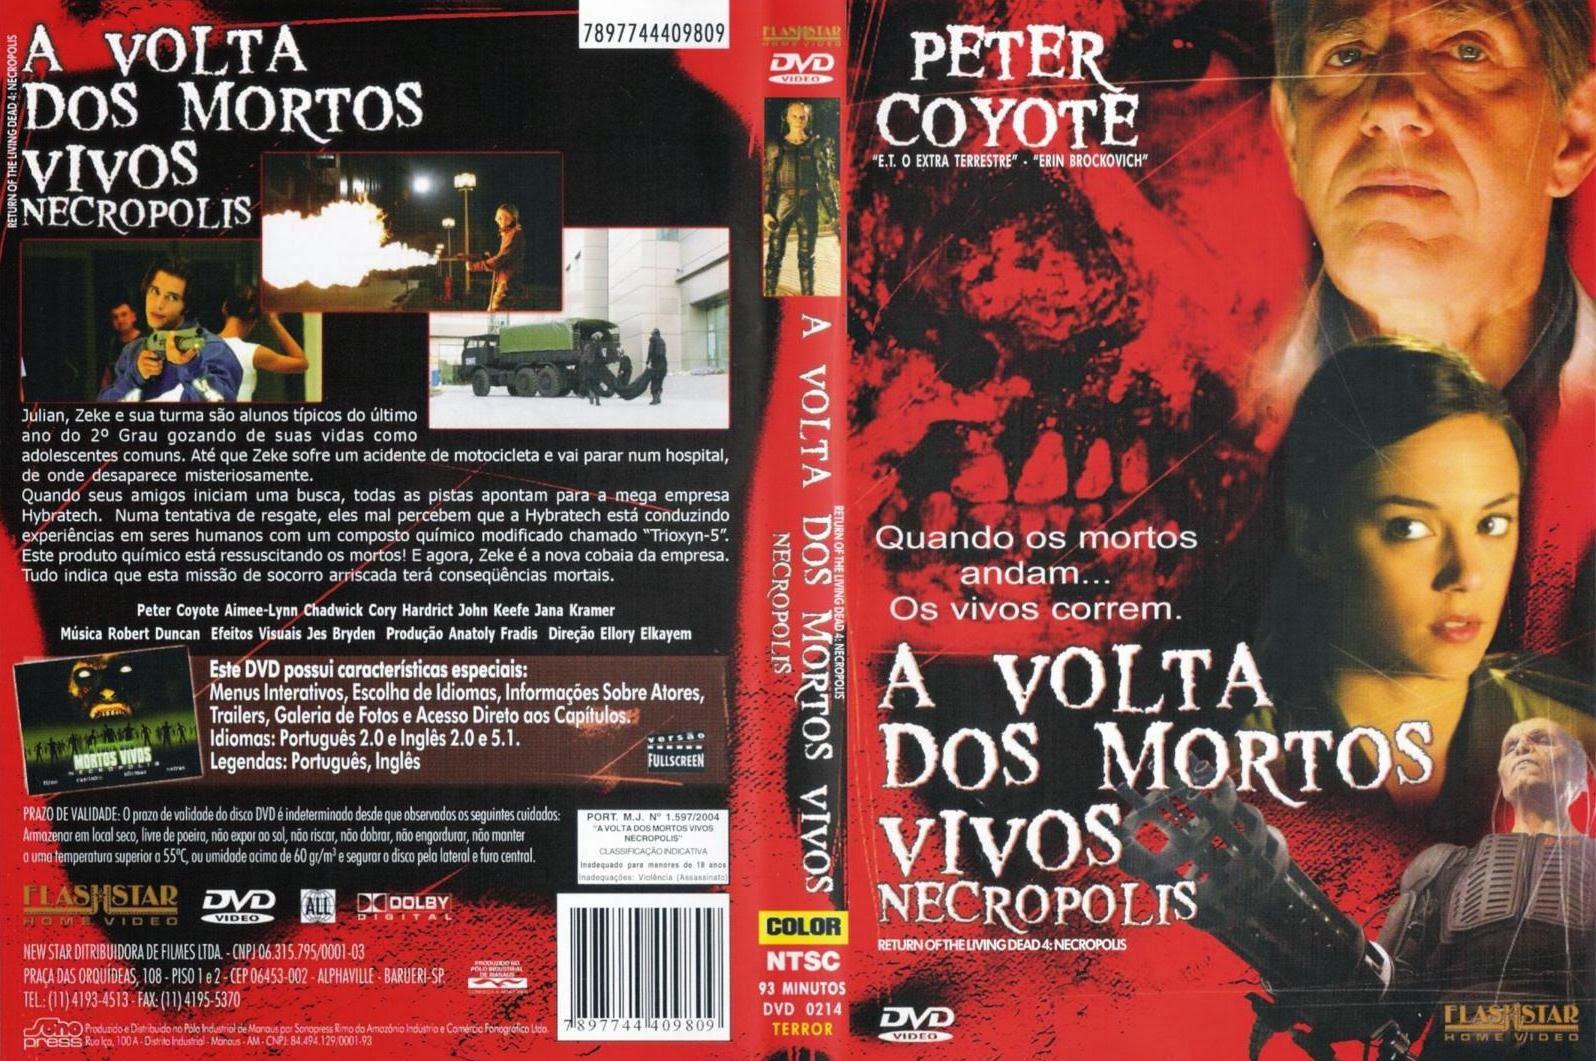 A Volta dos Mortos Vivos 4 DVD Capa